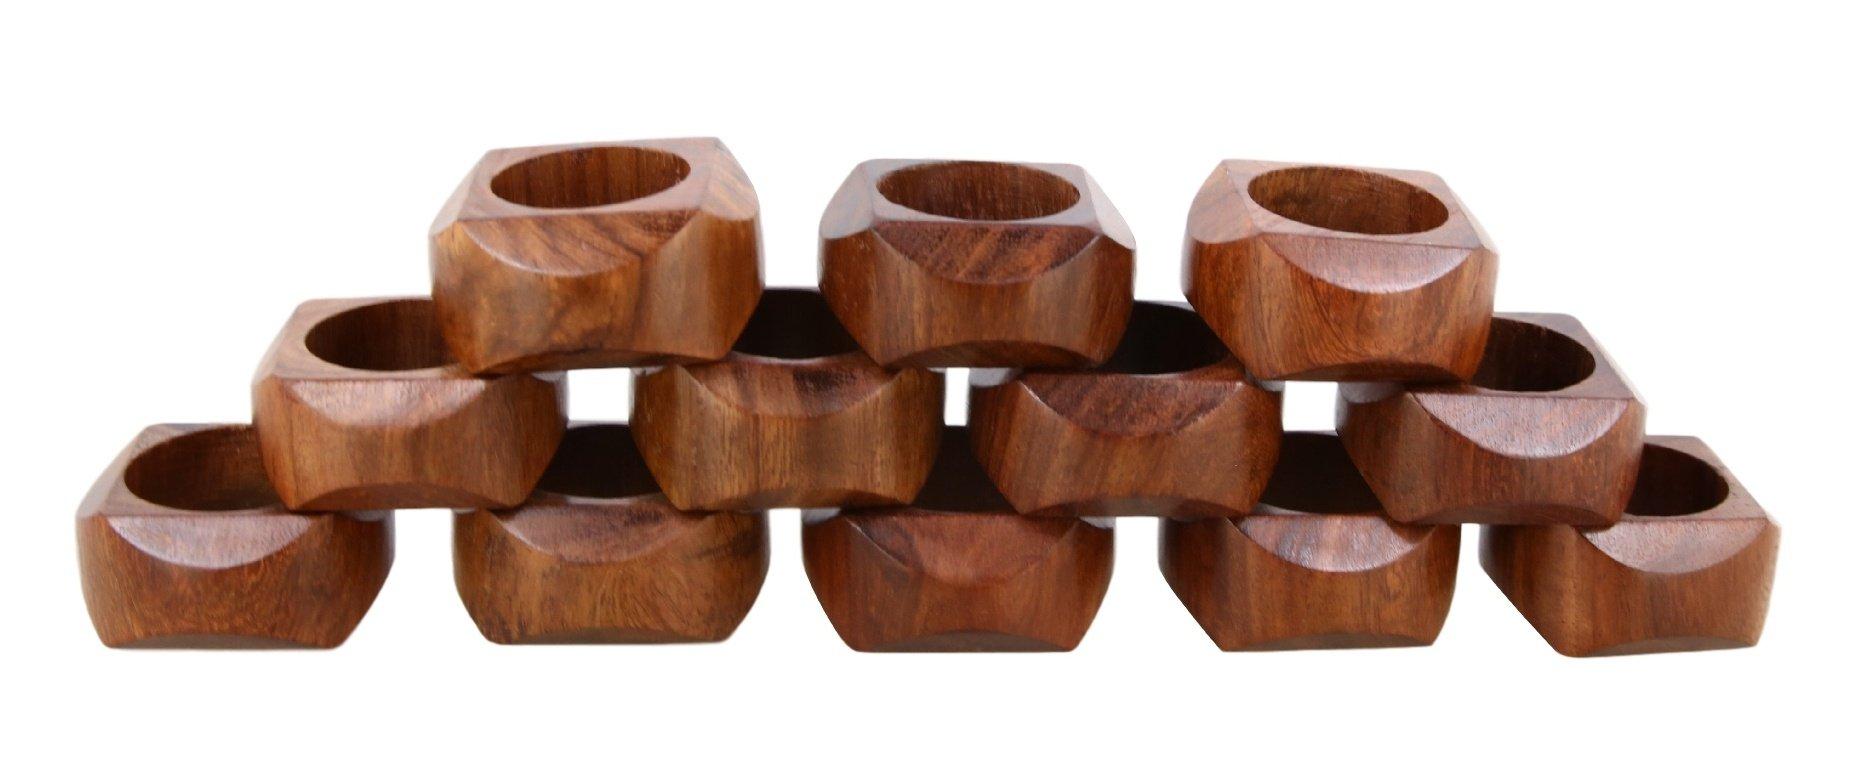 Shalinindia Handmade Artisan Crafted in India Wood Napkin Ring Set of 12 by ShalinIndia (Image #1)